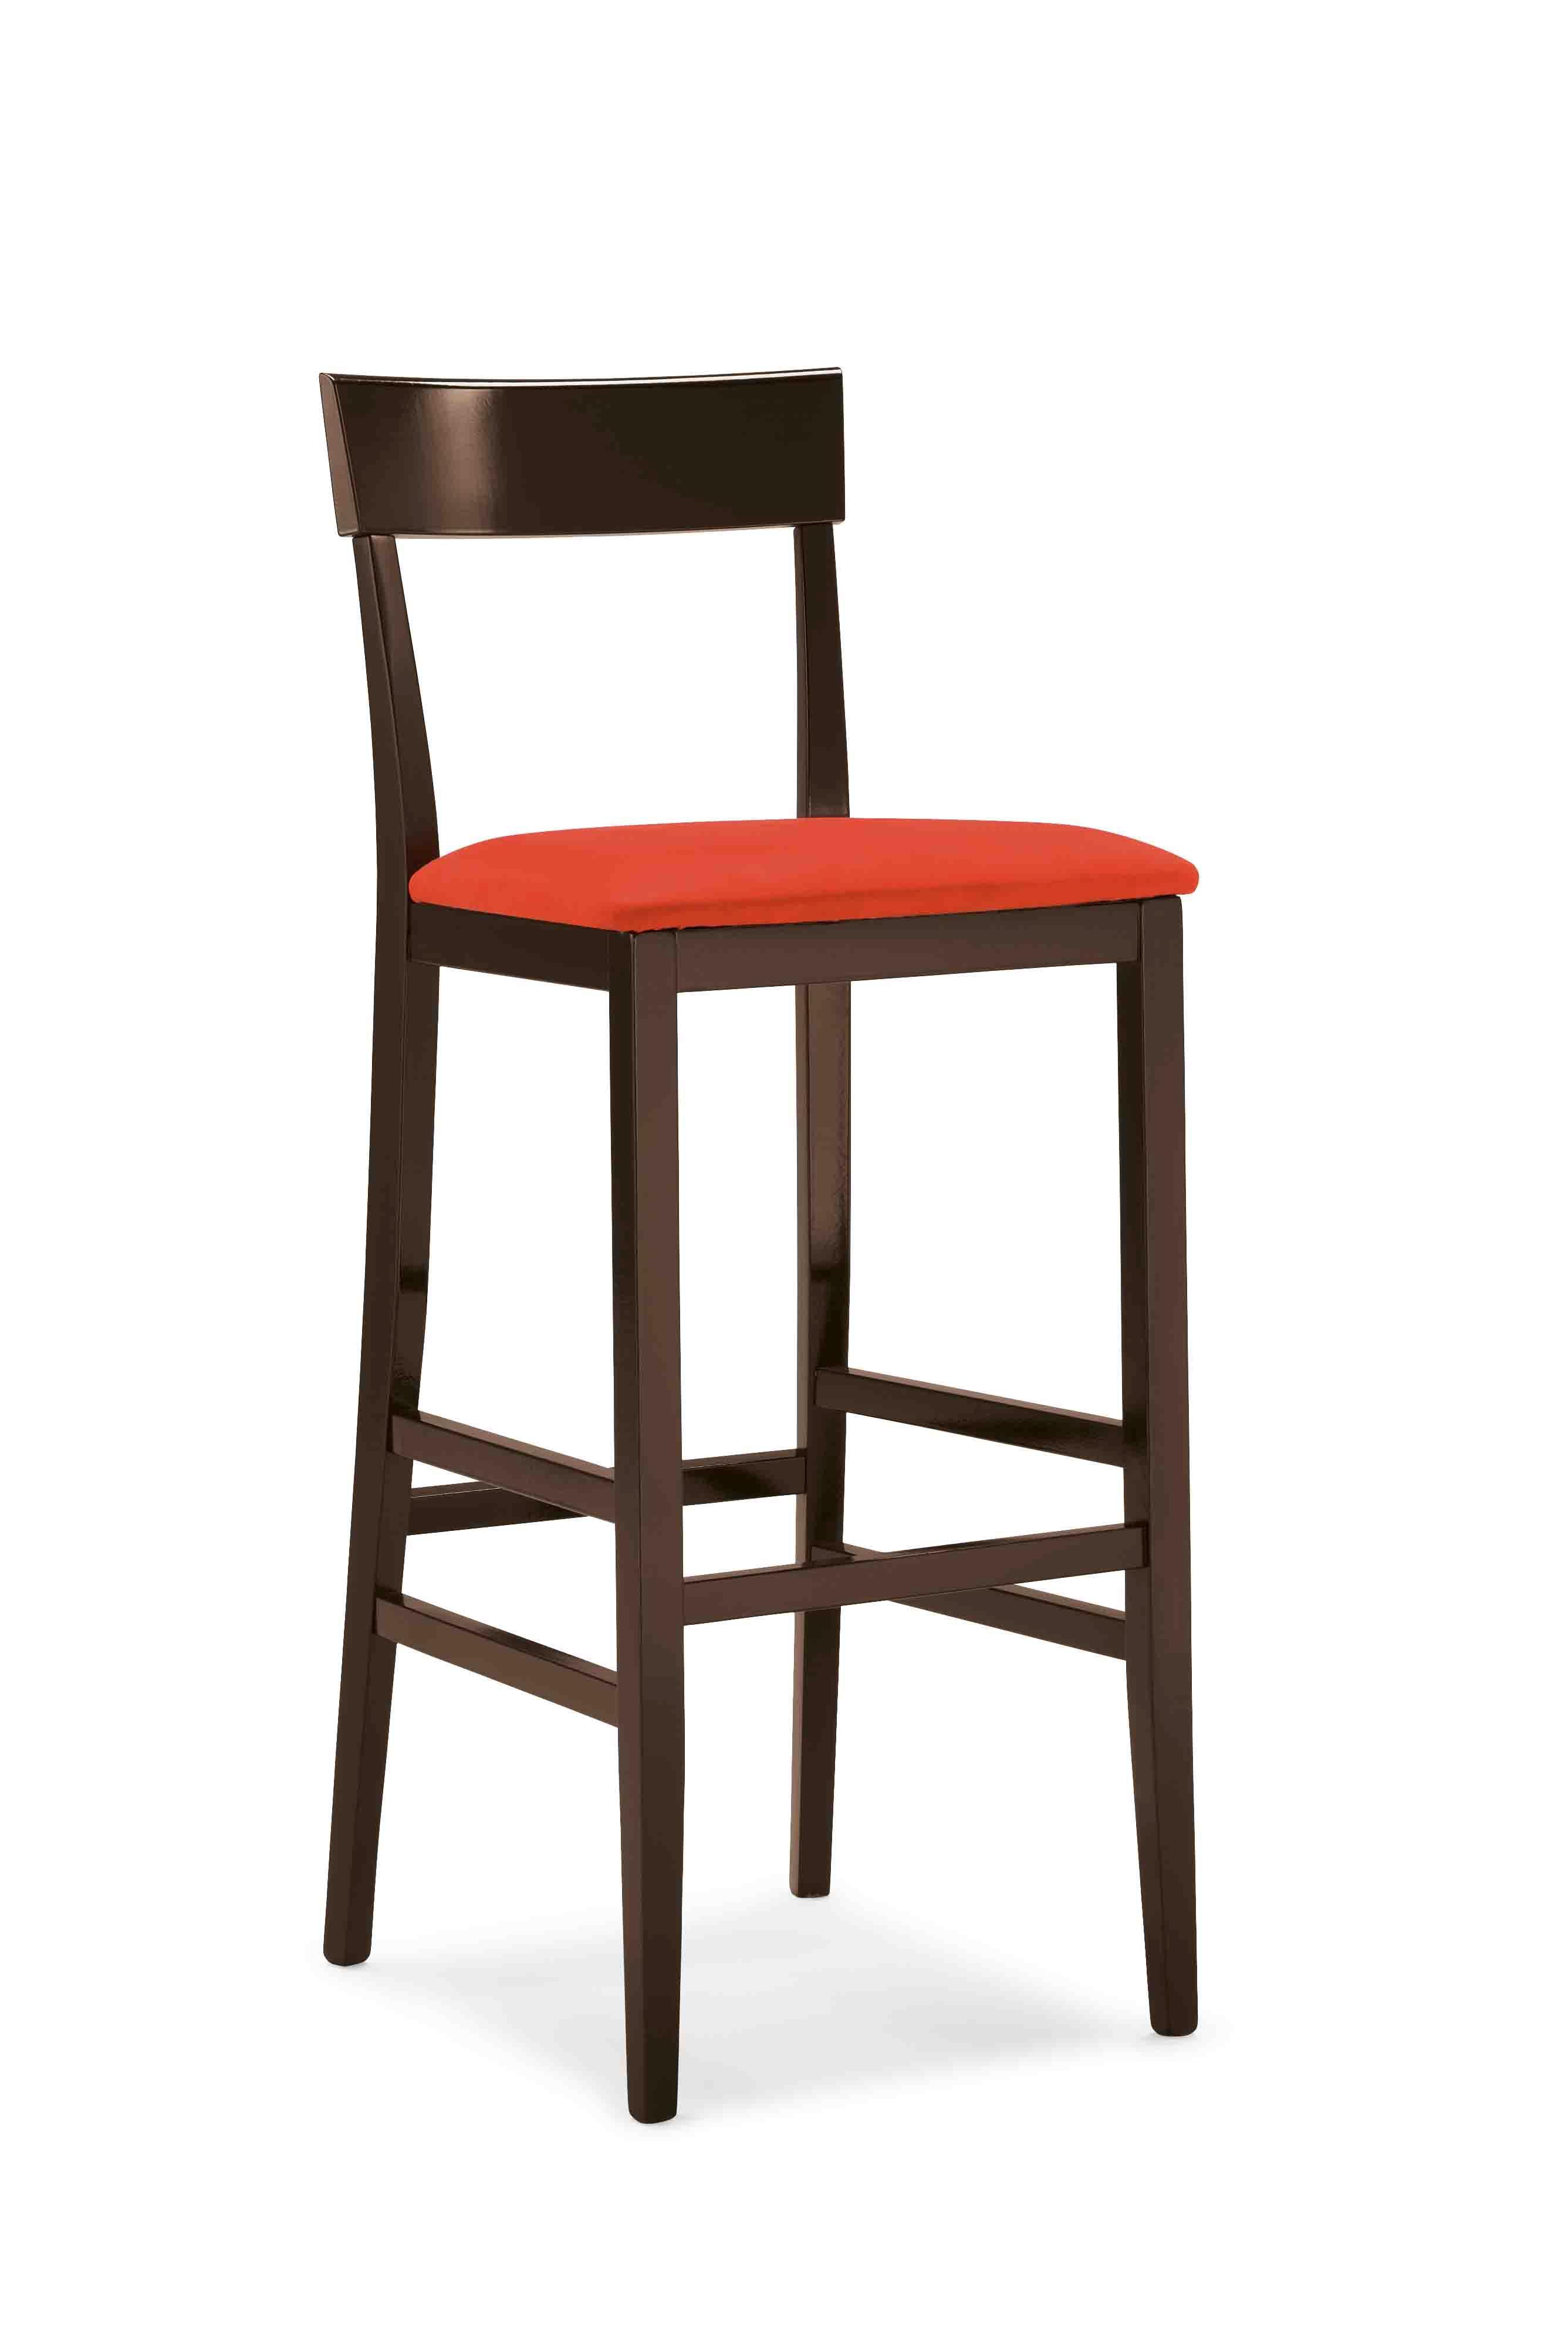 Sillas de barra tradicional 4 0 10000 0 piezas for Precio de sillas para barra